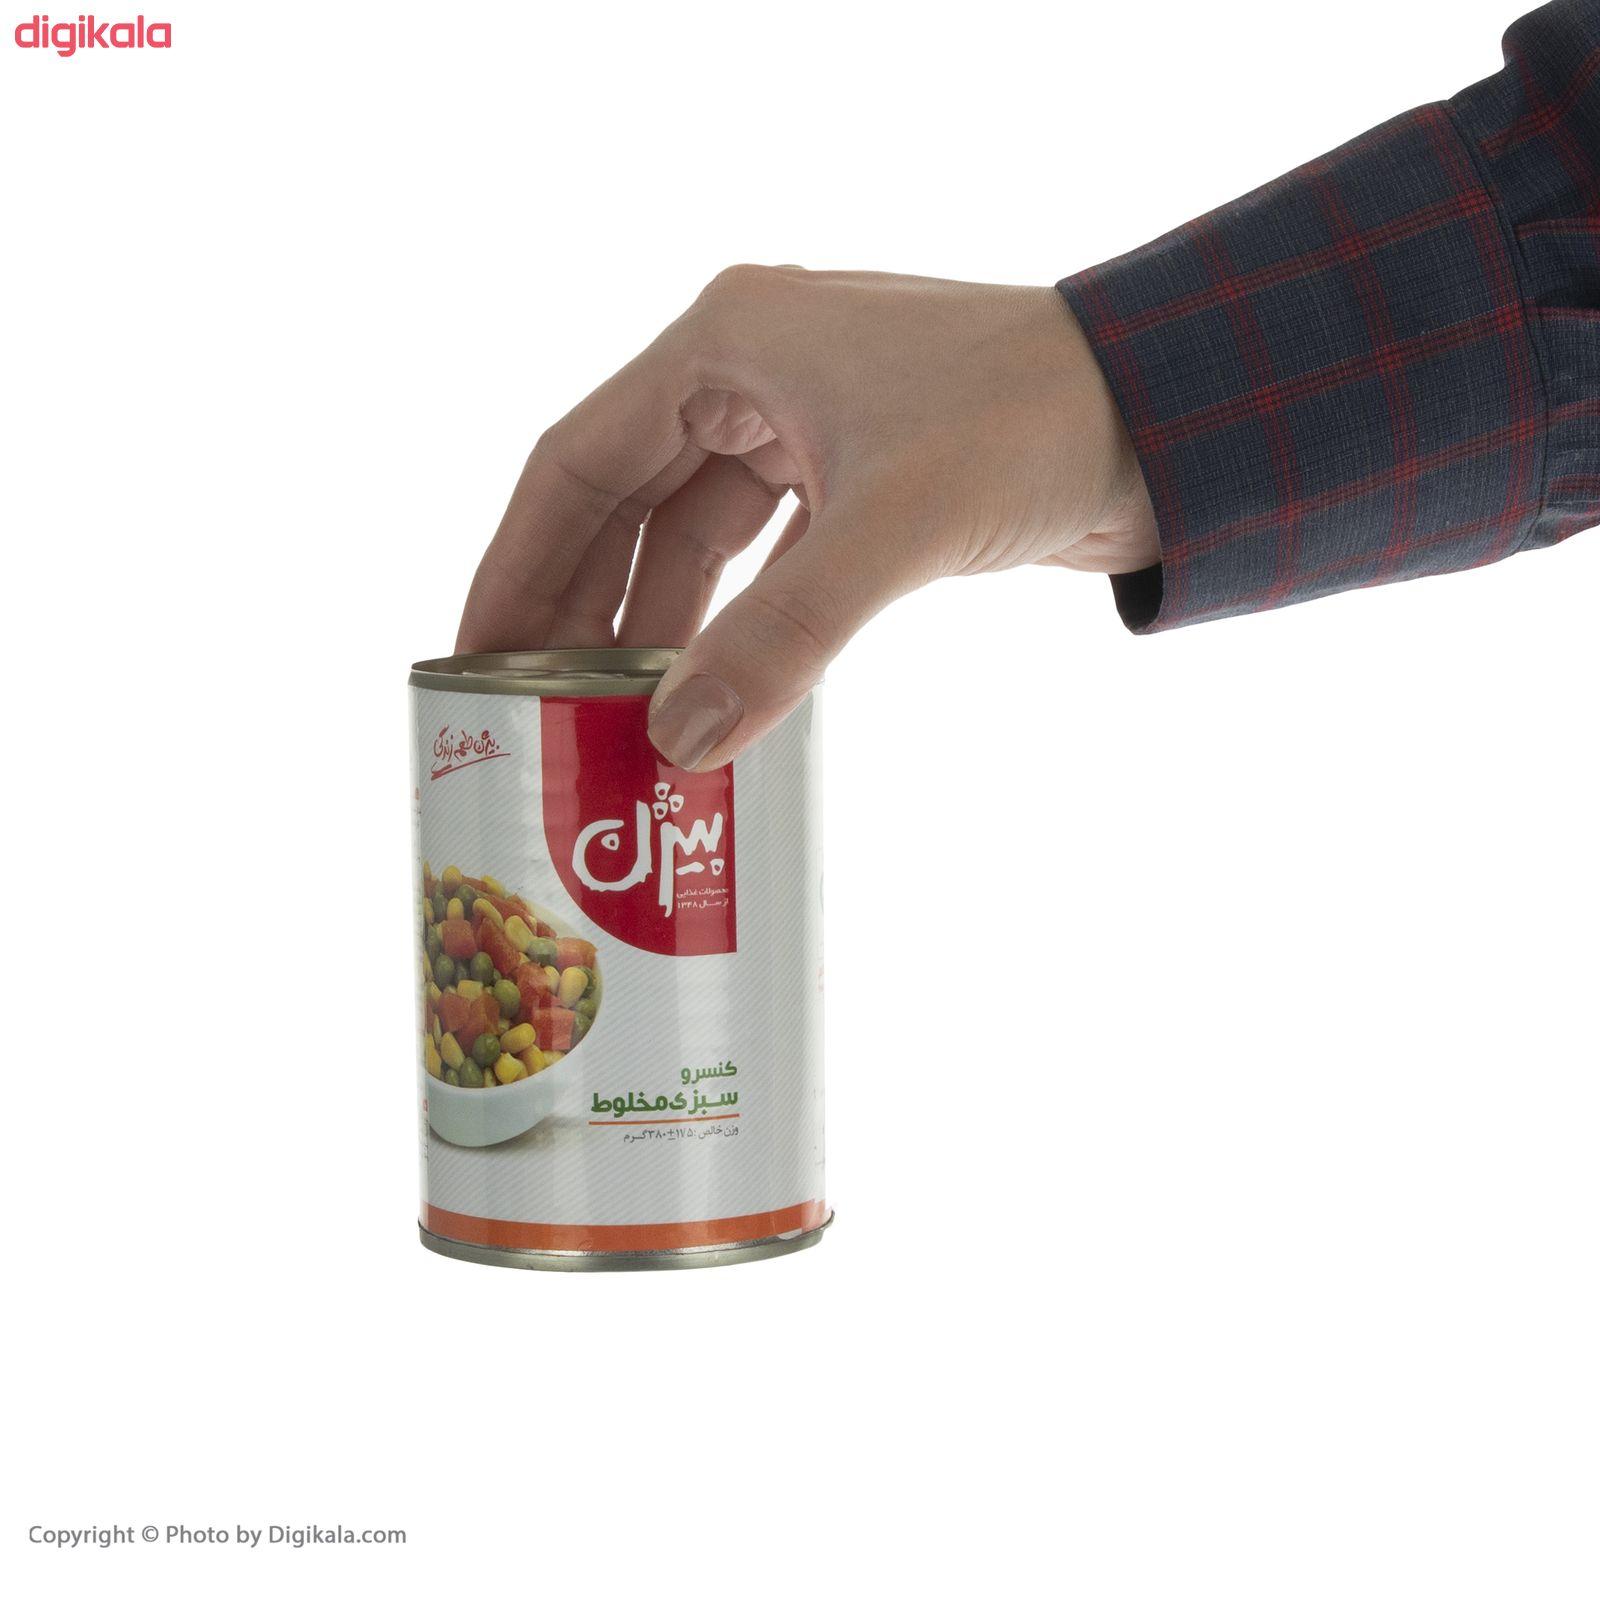 کنسرو سبزی مخلوط بیژن - 380 گرم main 1 4